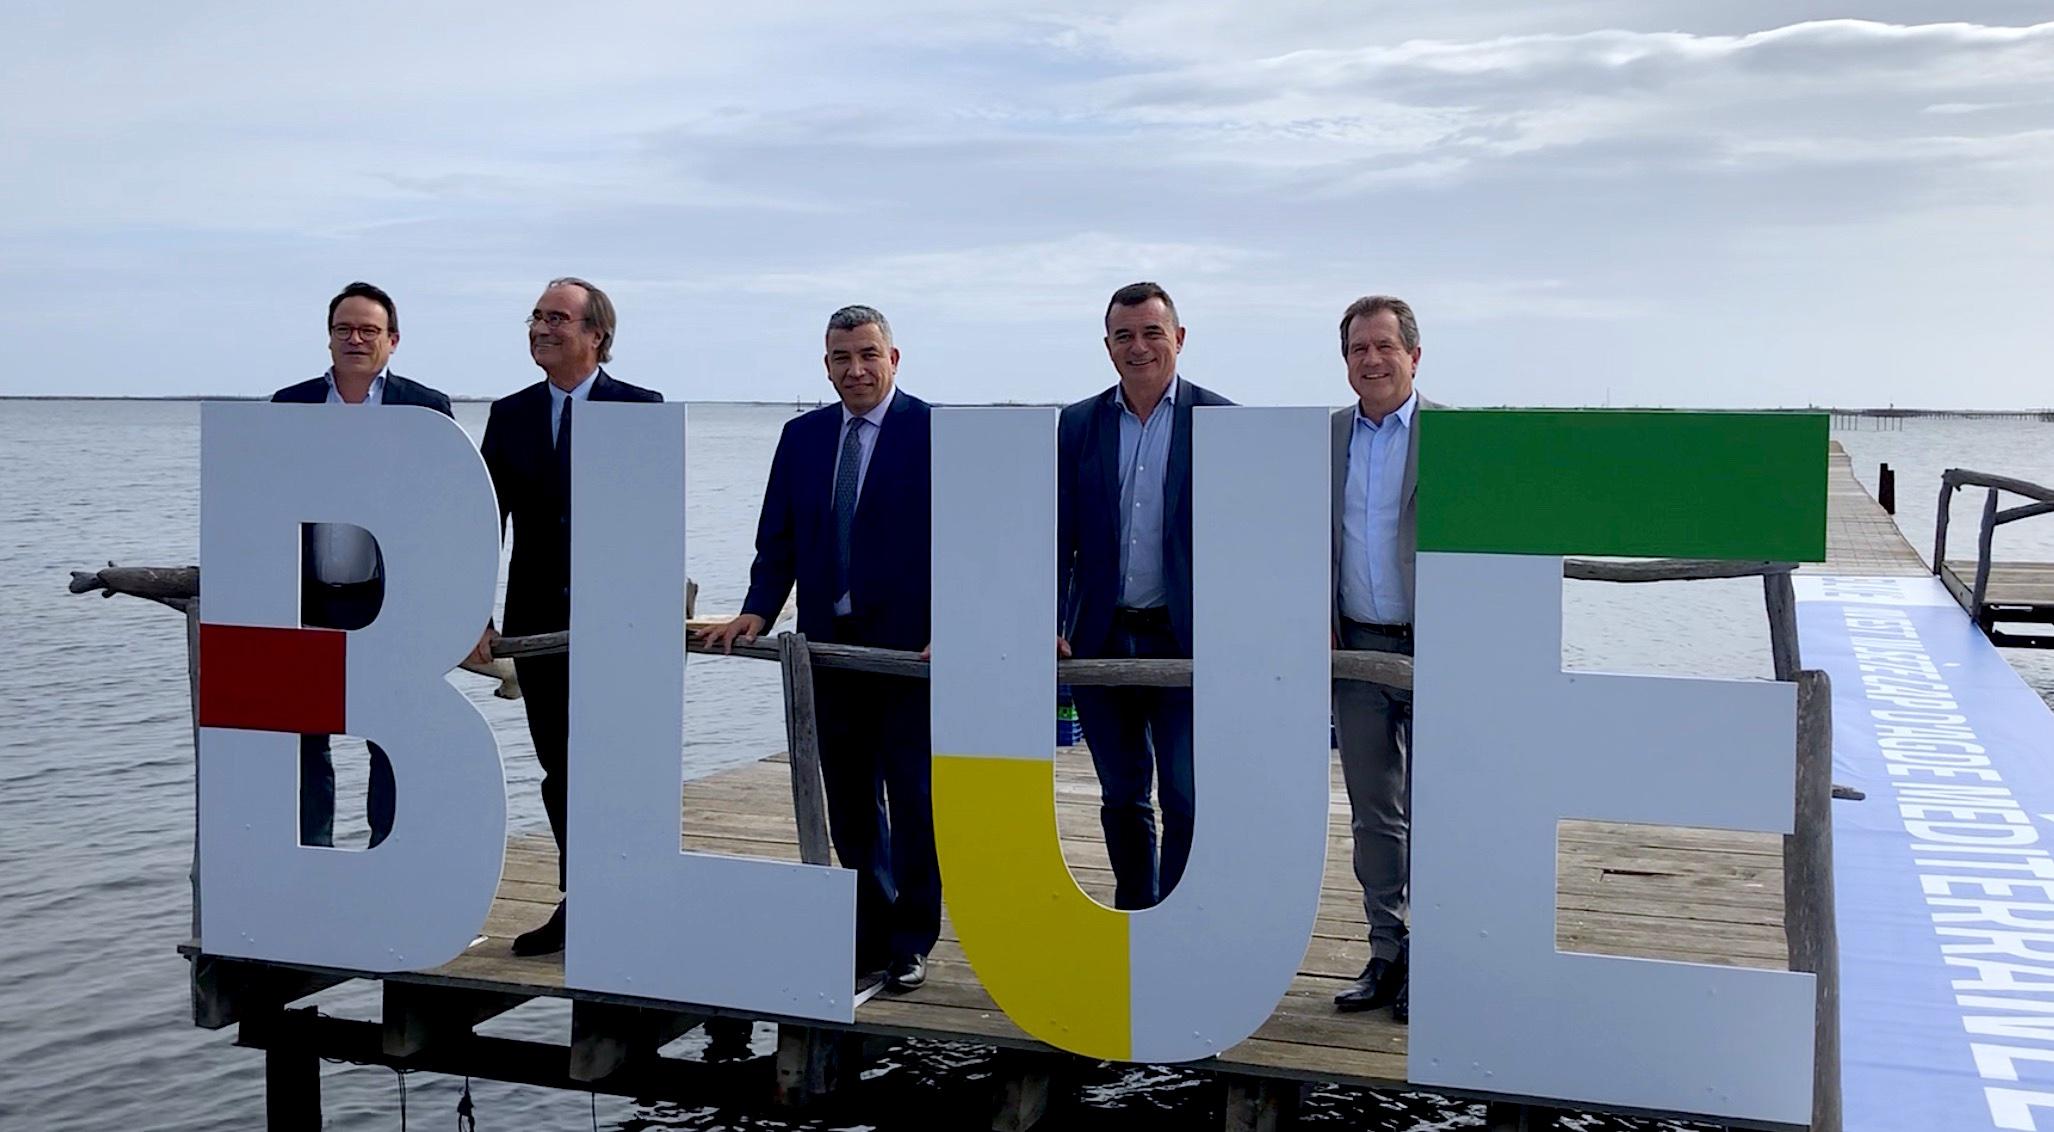 Lancement de BLUE Agenced'attractivitééconomique, Sète Cap d'Agde Méditerranée. Pascal Pintre, François Commeinhes, Jalil Benabdillah, Gilles d'Ettore, André Deljarry (©JPV)